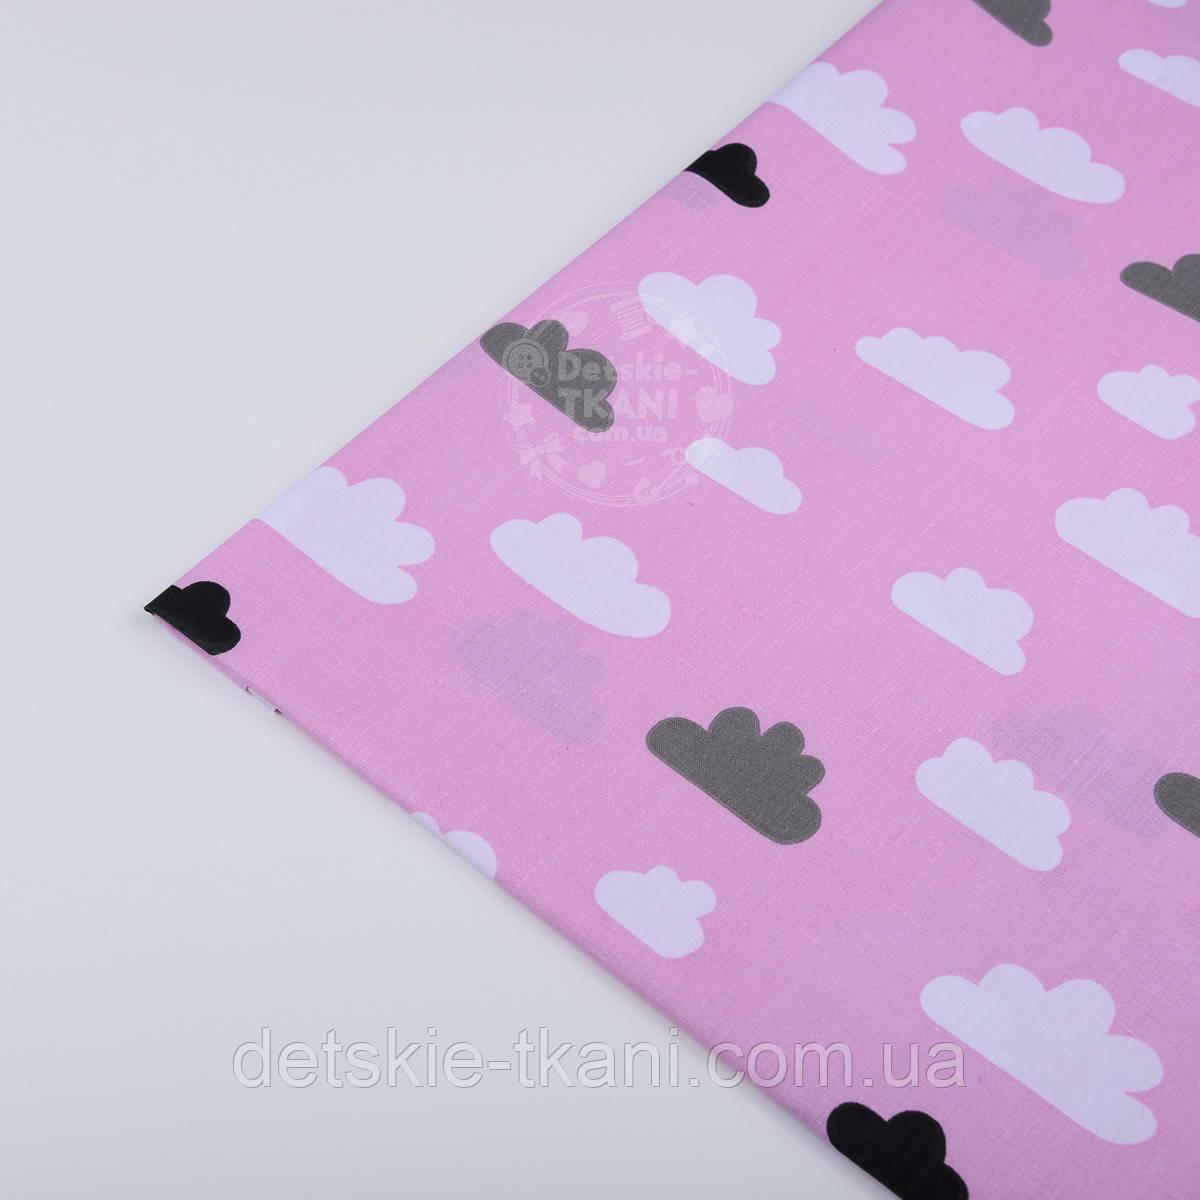 Отрез ткани с облаками серыми и белыми на розовом фоне  (№ 686а), размер 95*145